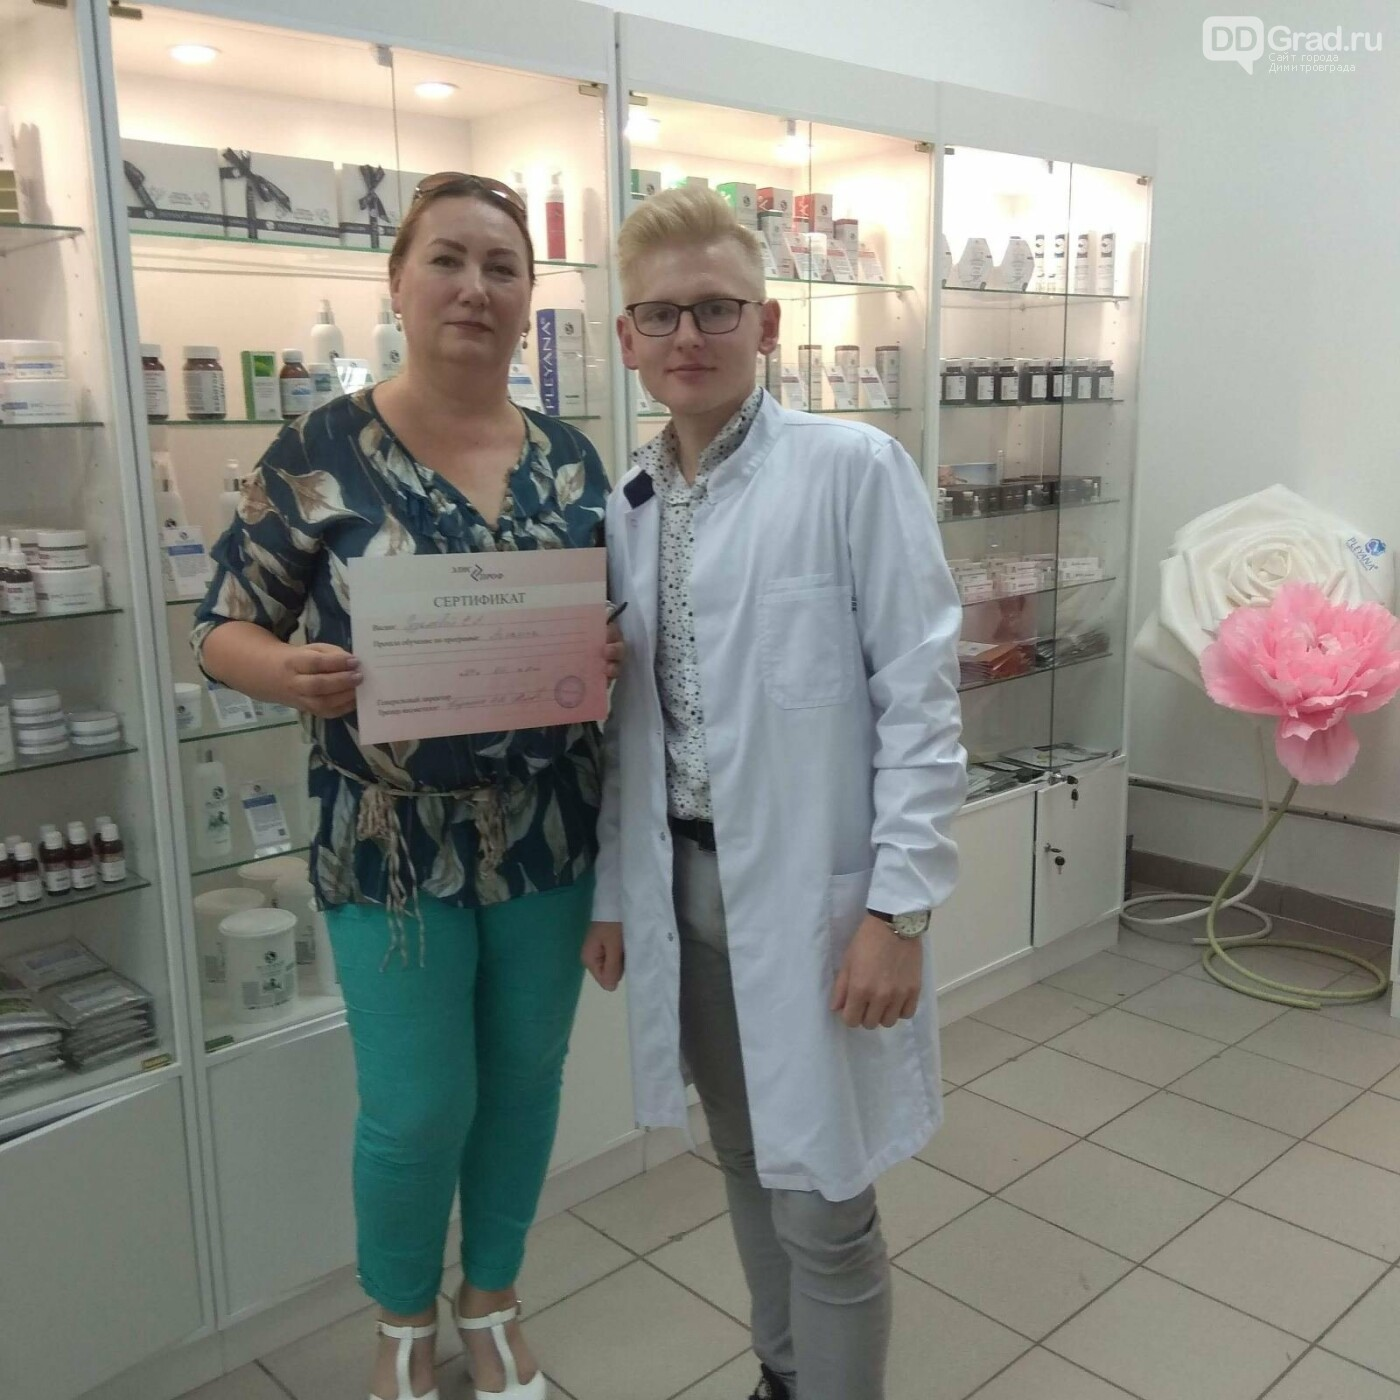 Эффективные процедуры для кожи - рекомендации специалиста, фото-1